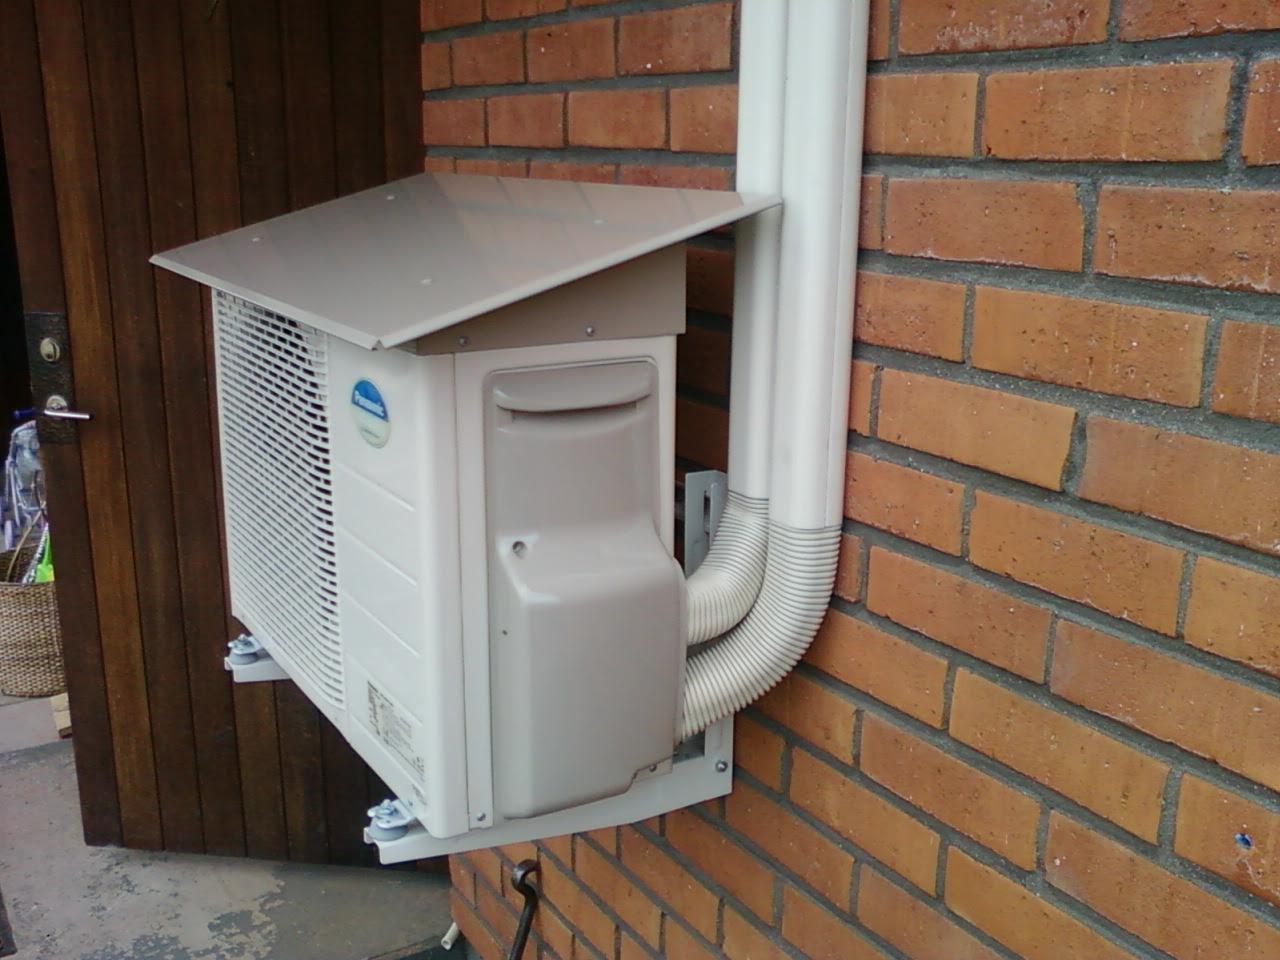 installera luft luft värmepump